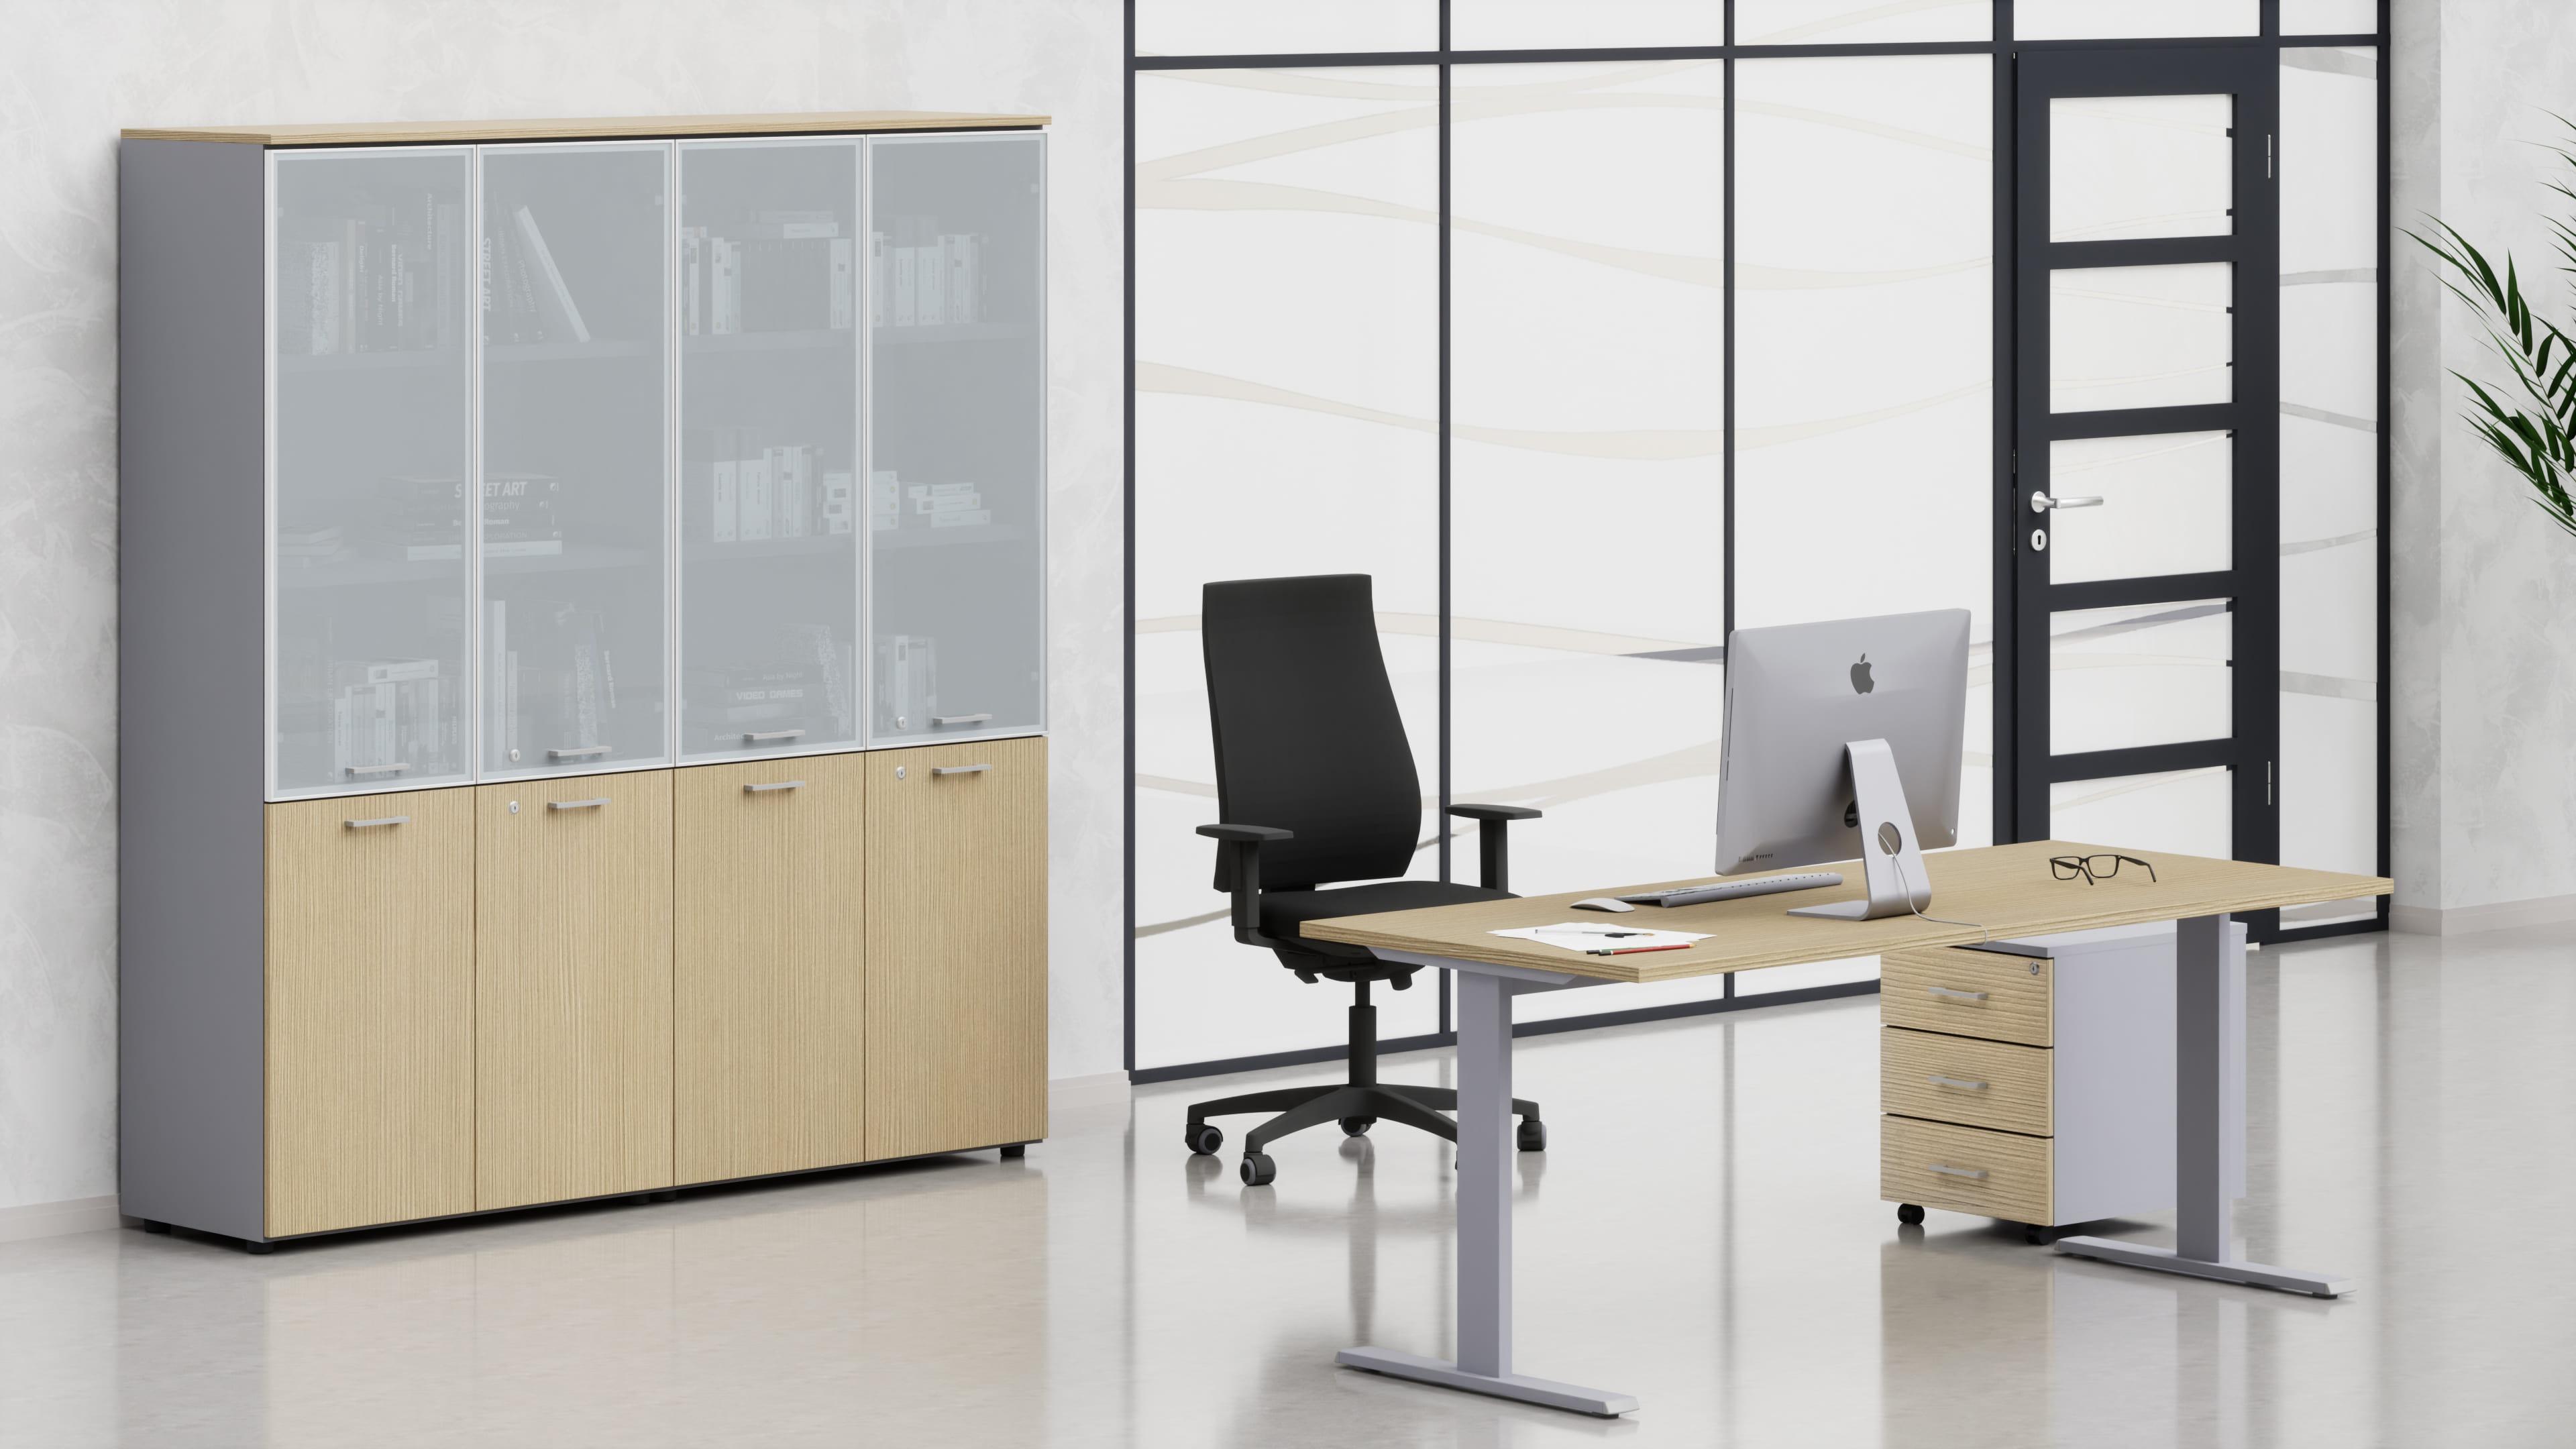 Uffici operativi NET metallica scrivania, cassettiera e contenitori universali alti